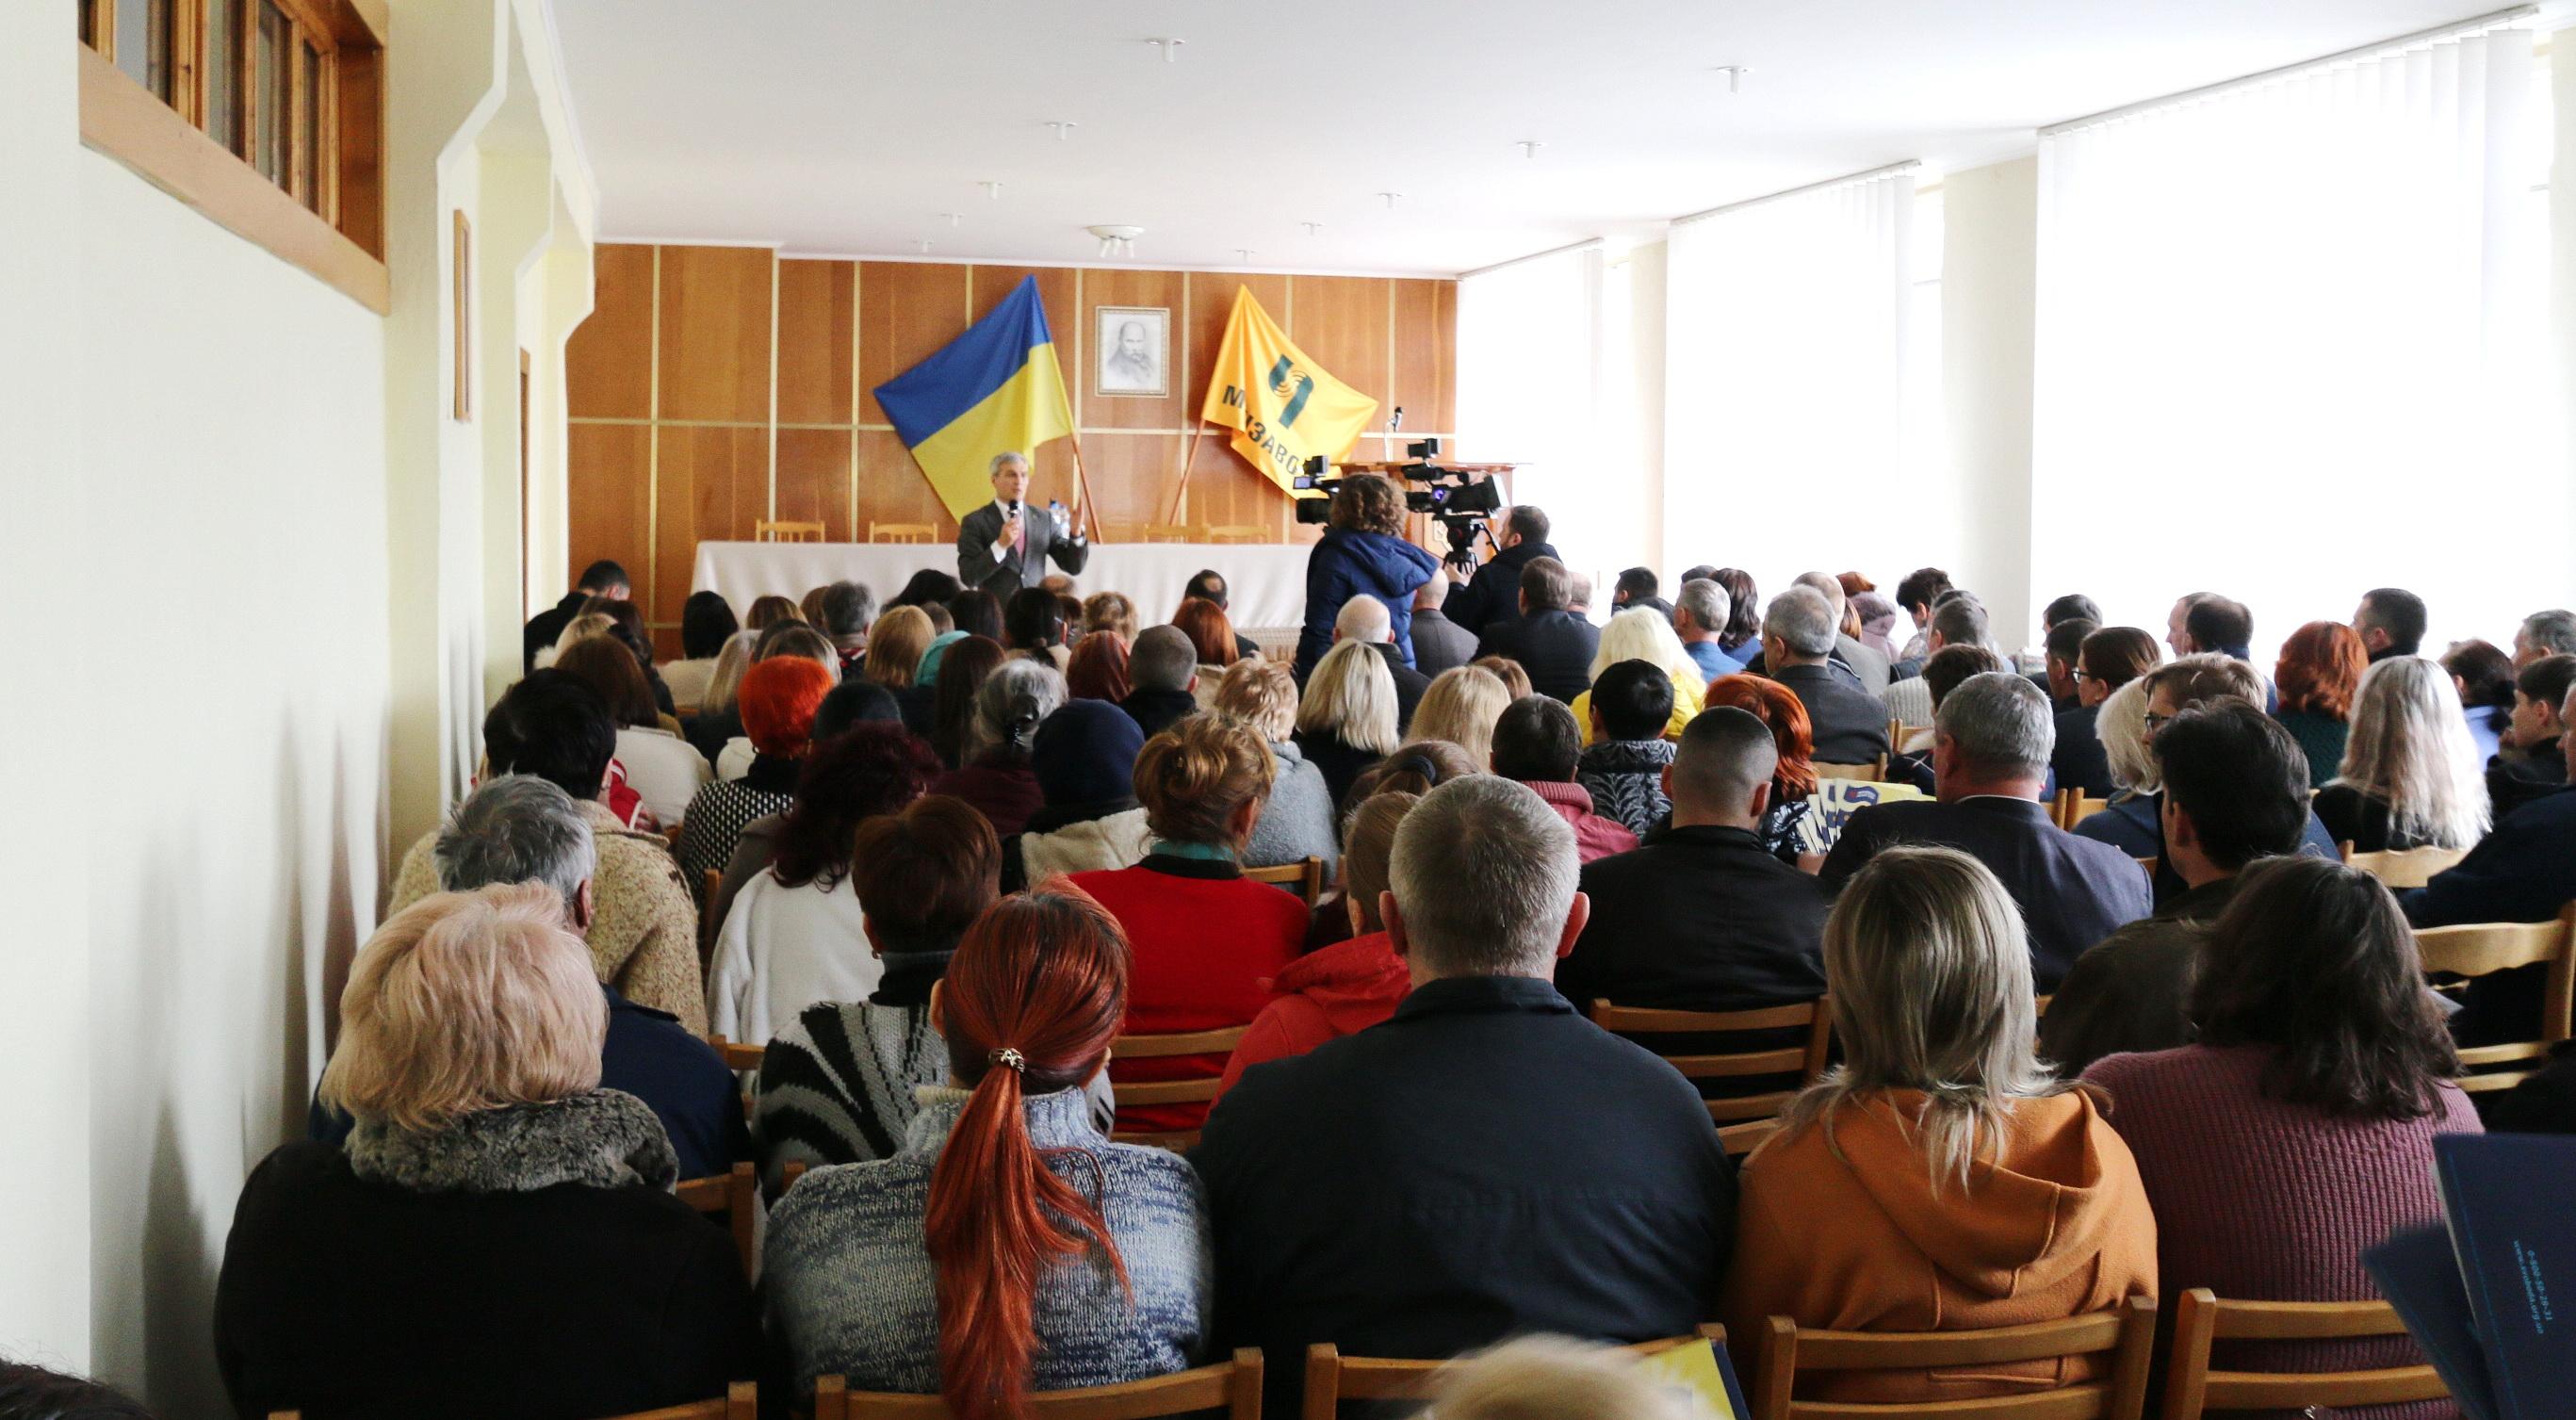 Лише чверть кандидатів у Президенти відвідали Чернівецьку область під час передвиборчої кампанії (ФОТО)